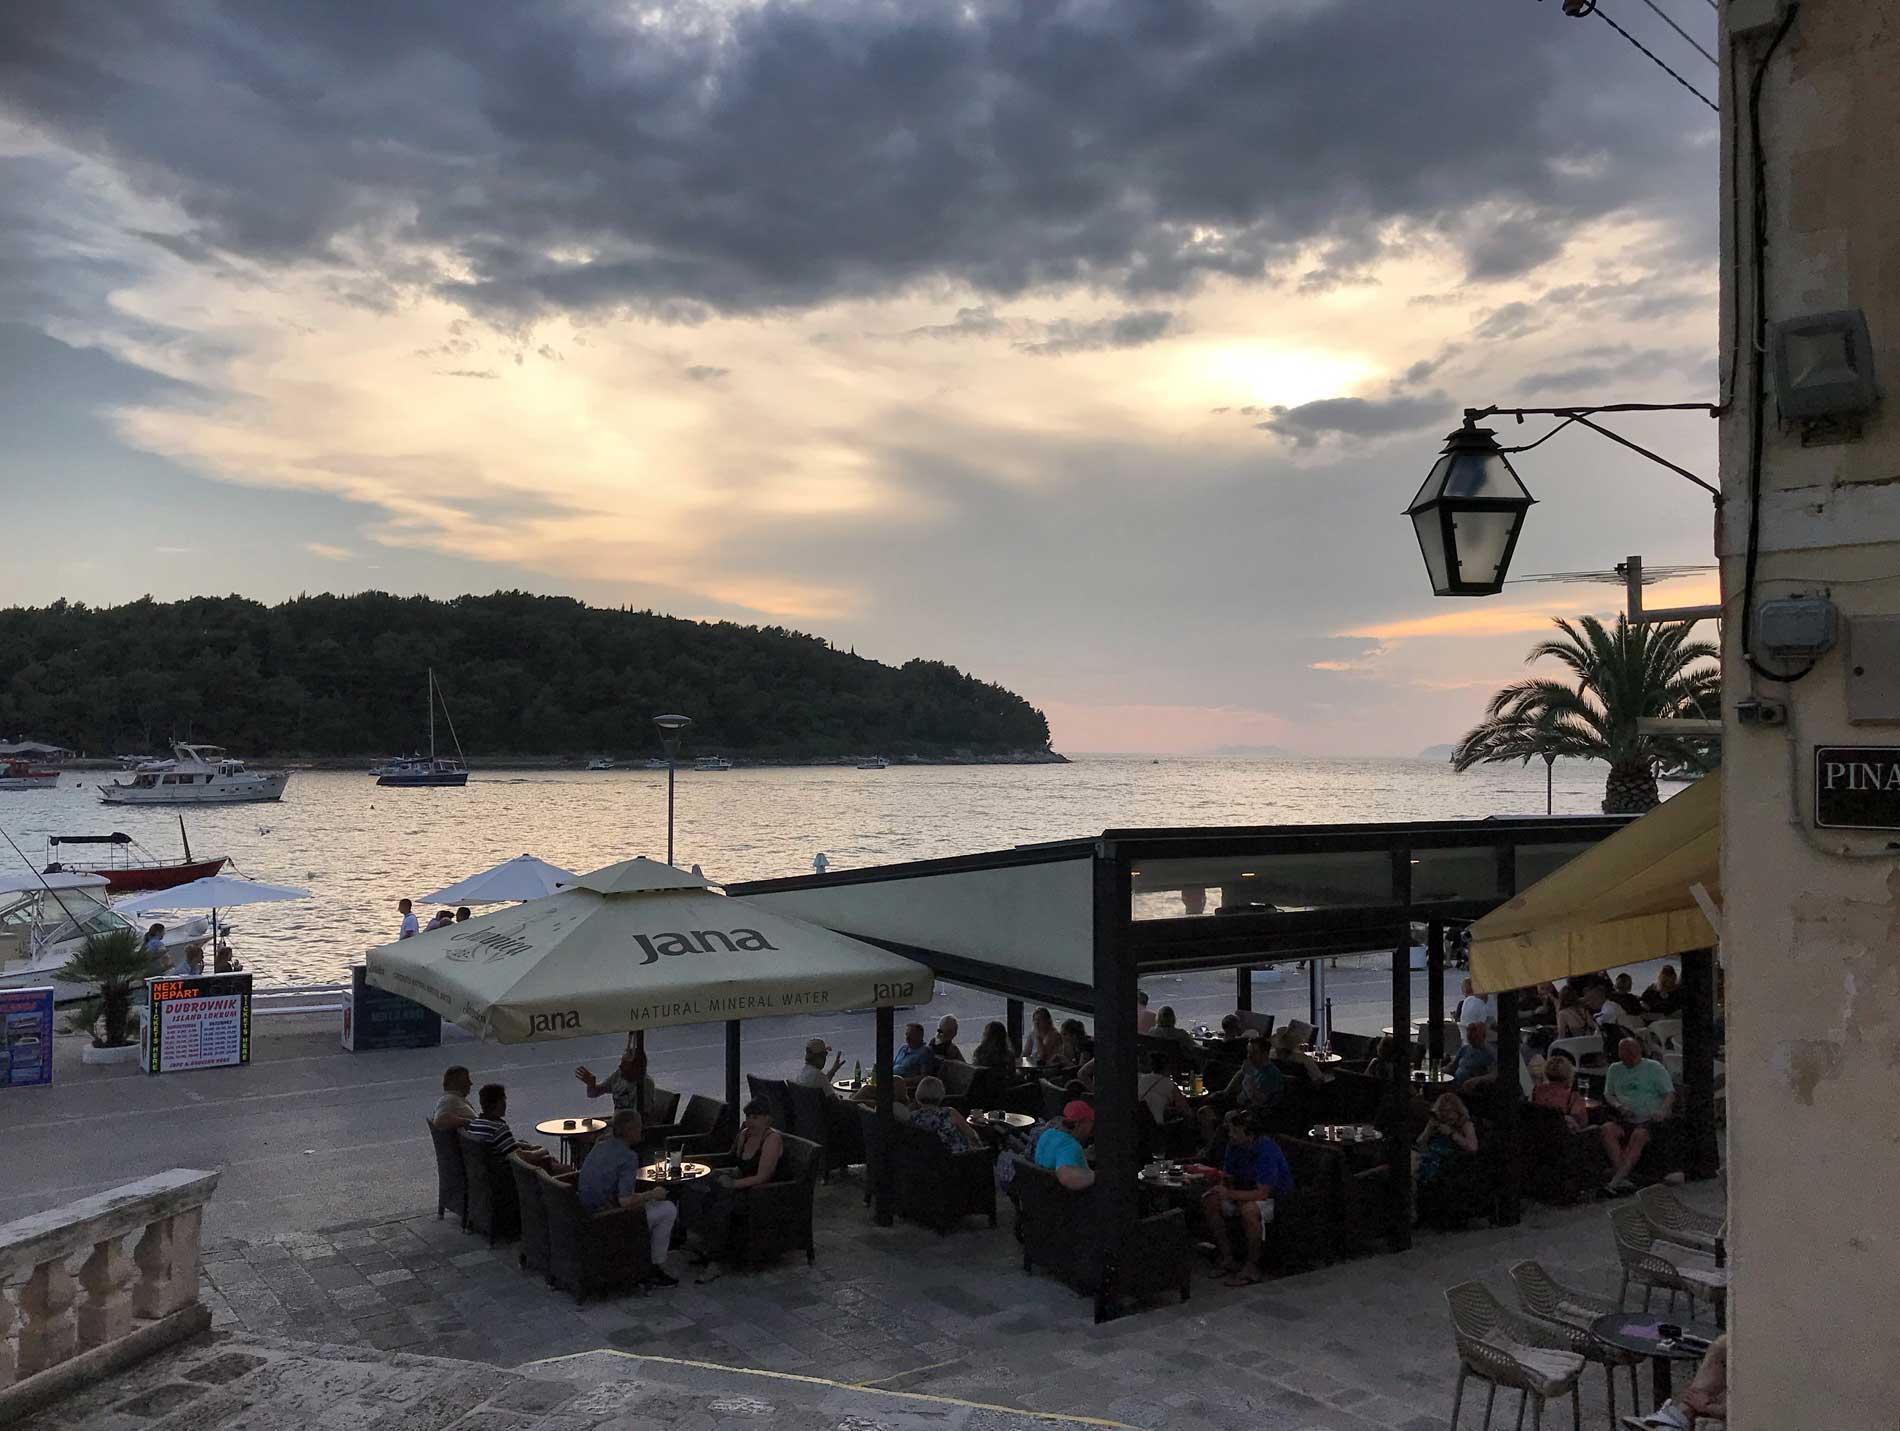 Cavtat-Dubrovnik-Croazia-vista-mare-ristorante-lampione-nuvole